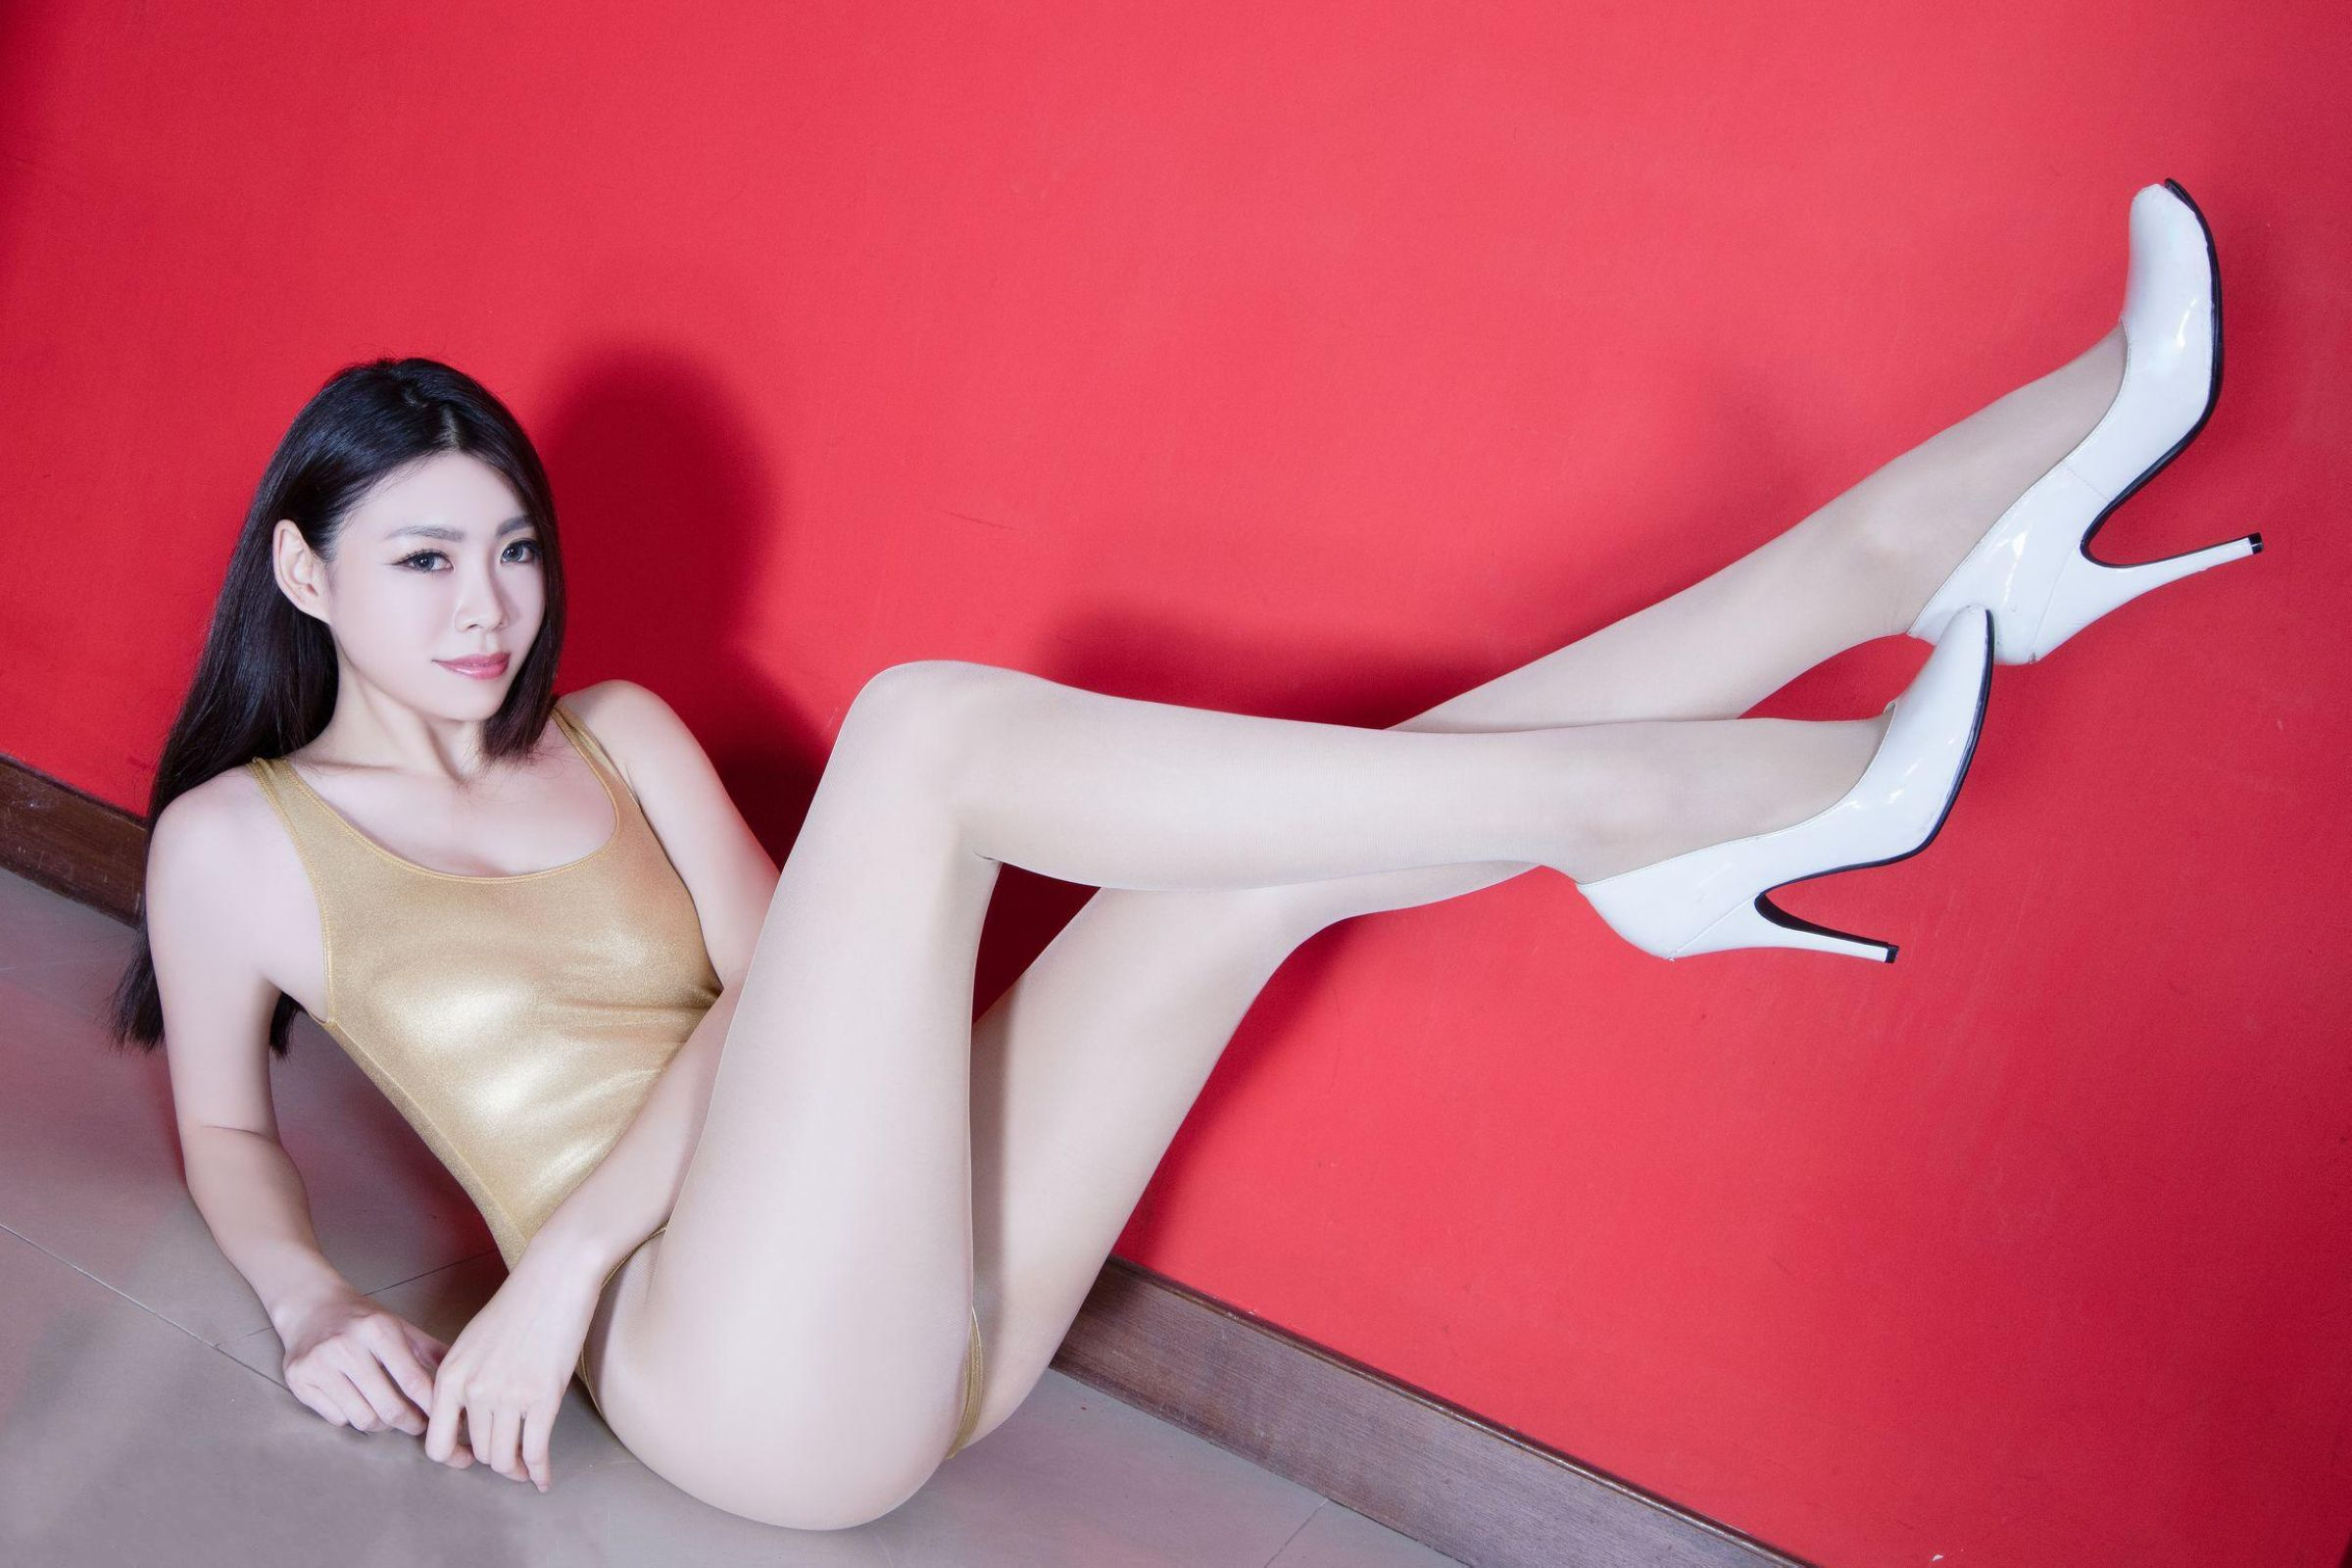 北彩美女美腿秀-Zoey[35P]d60RM